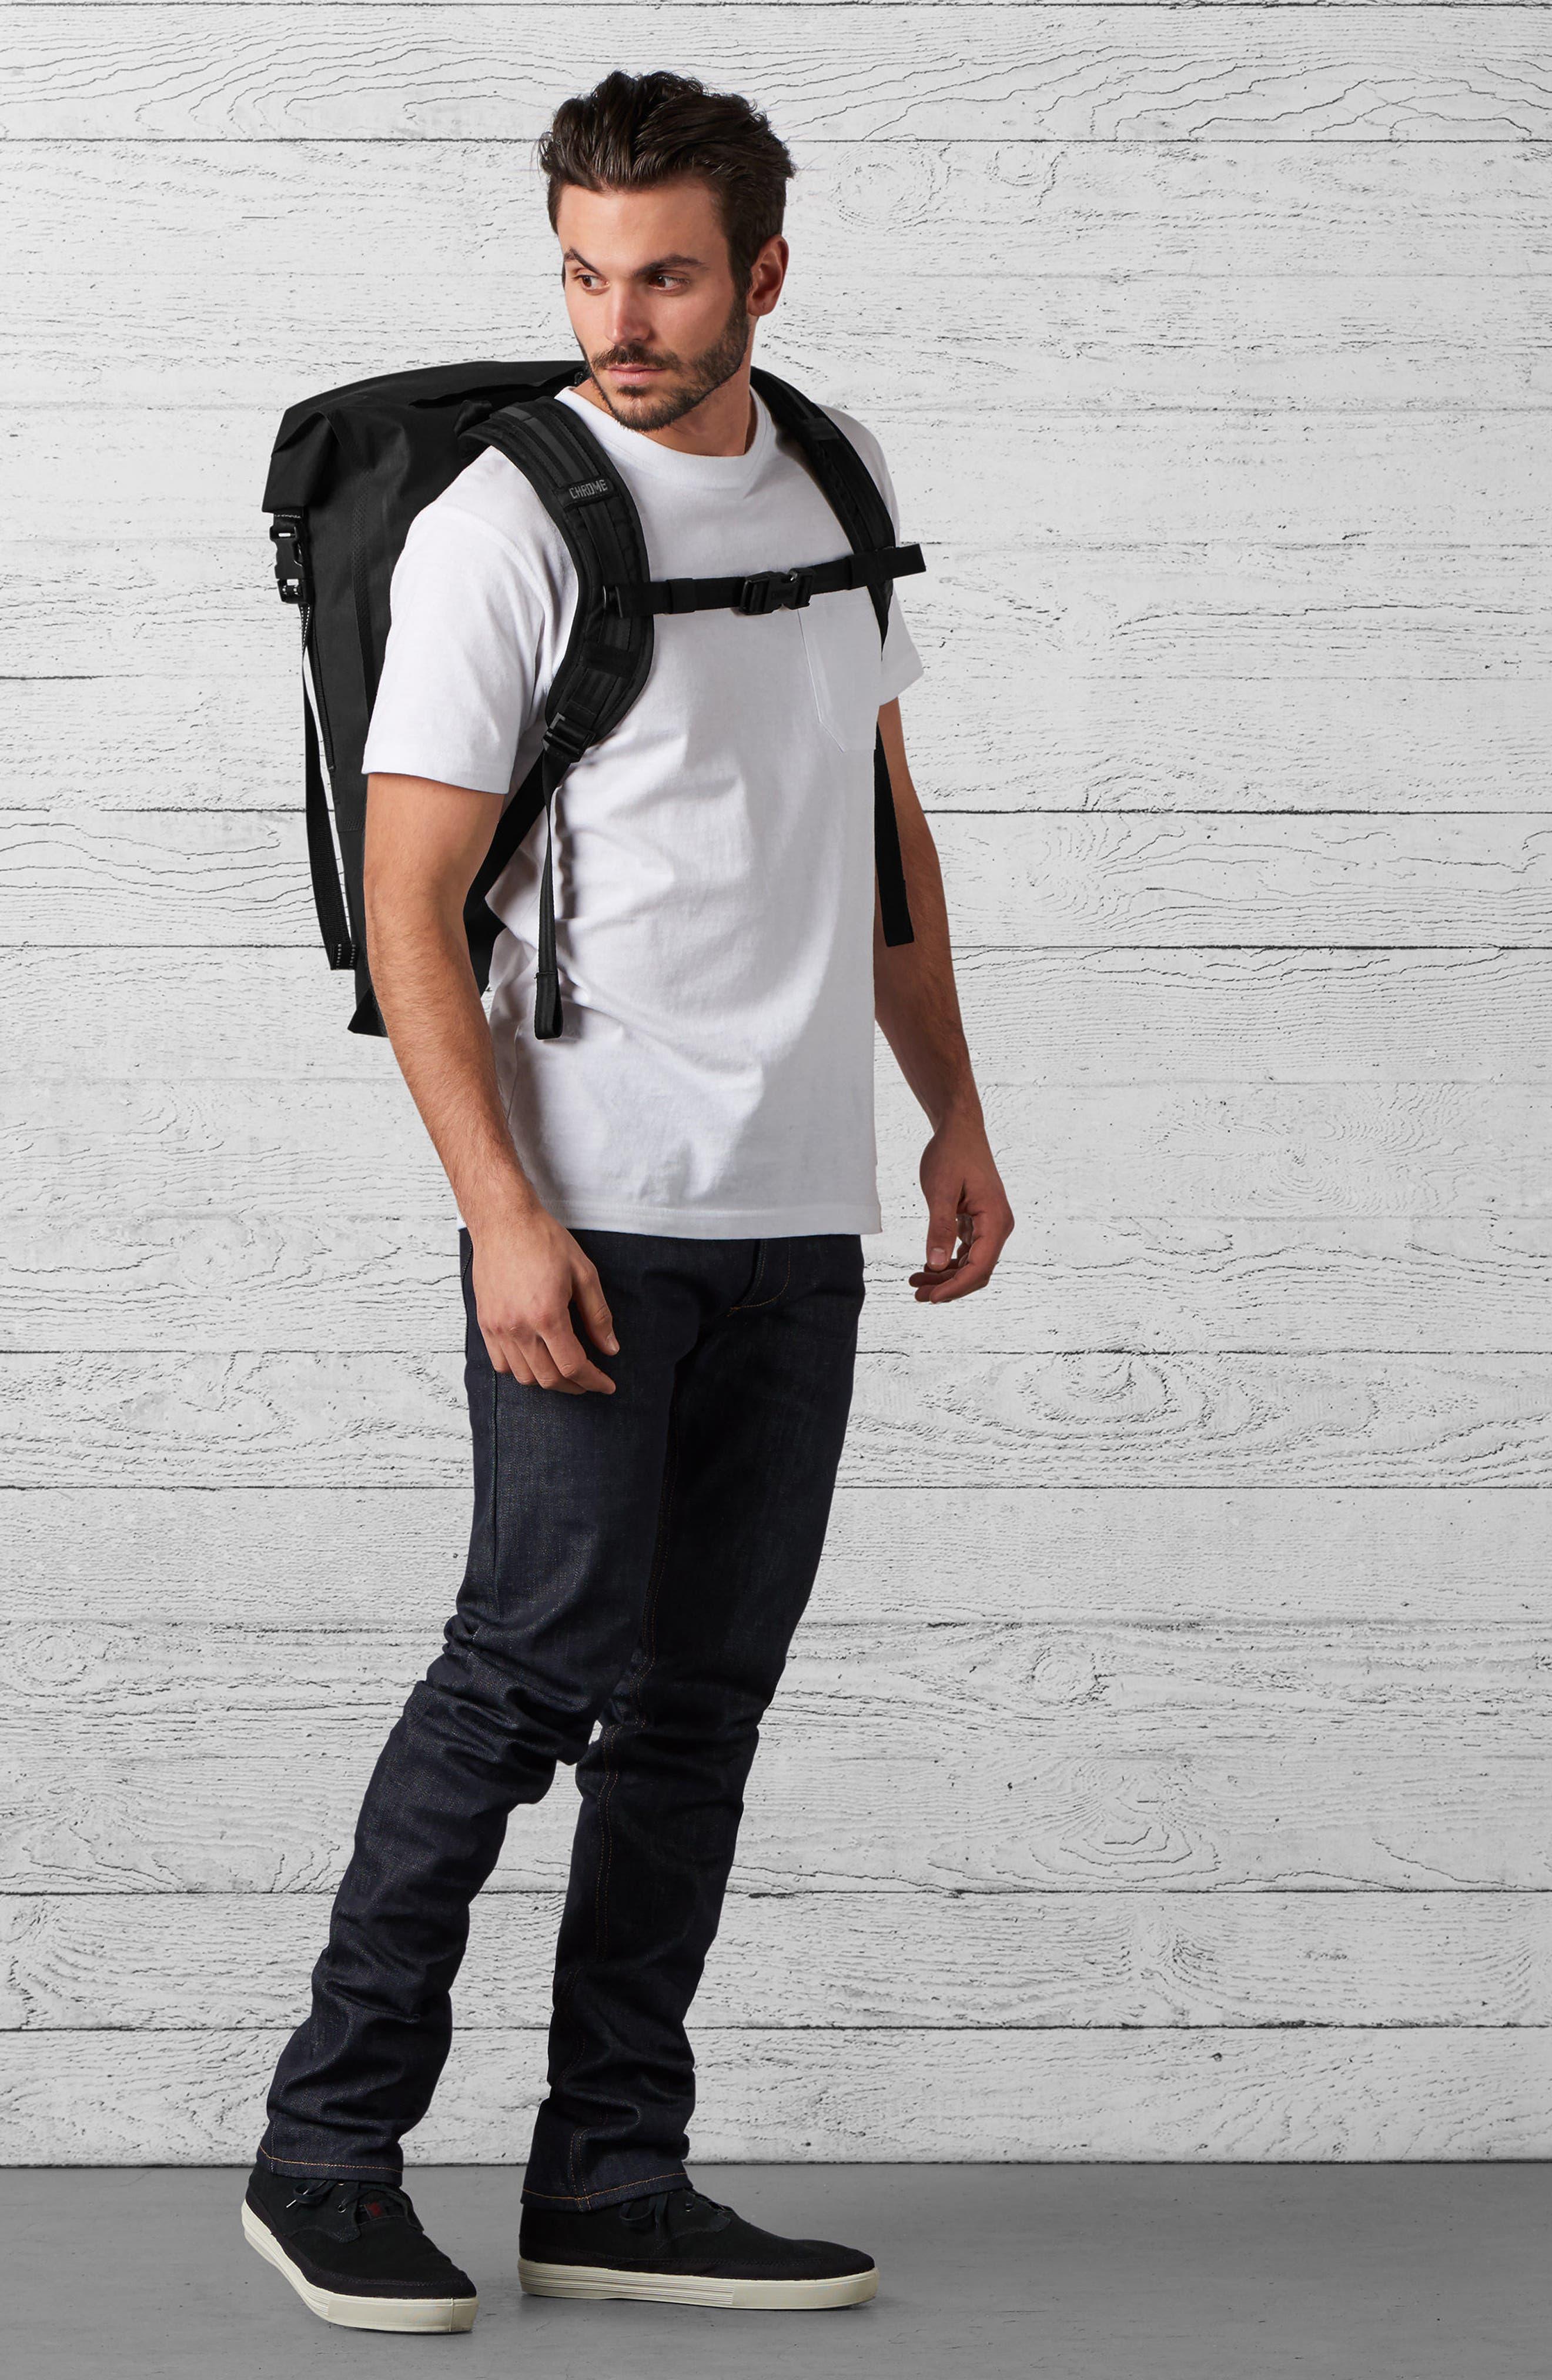 Urban Ex Rolltop Waterproof Backpack,                             Alternate thumbnail 8, color,                             BLACK/ BLACK